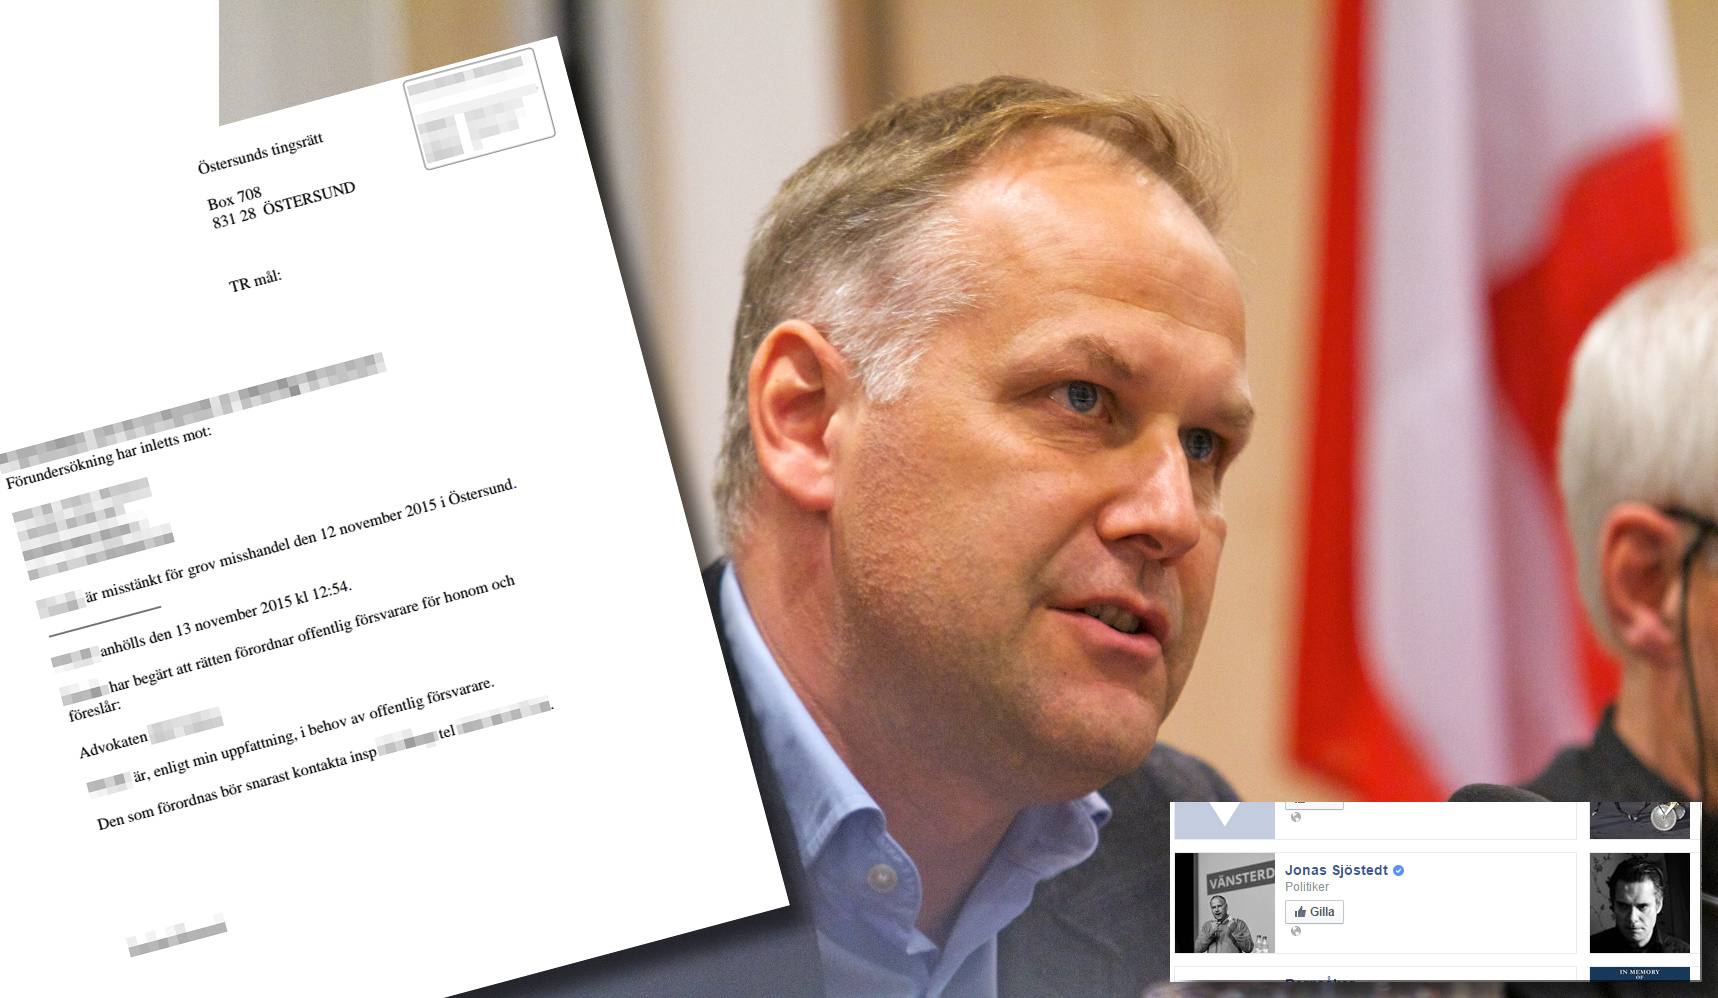 """Jonas SJöstedt är populär hos man anklagad för misshandel med """"rasistiska motiv"""". Foto: GUE/NGL. Montage: Nyheter Idag"""